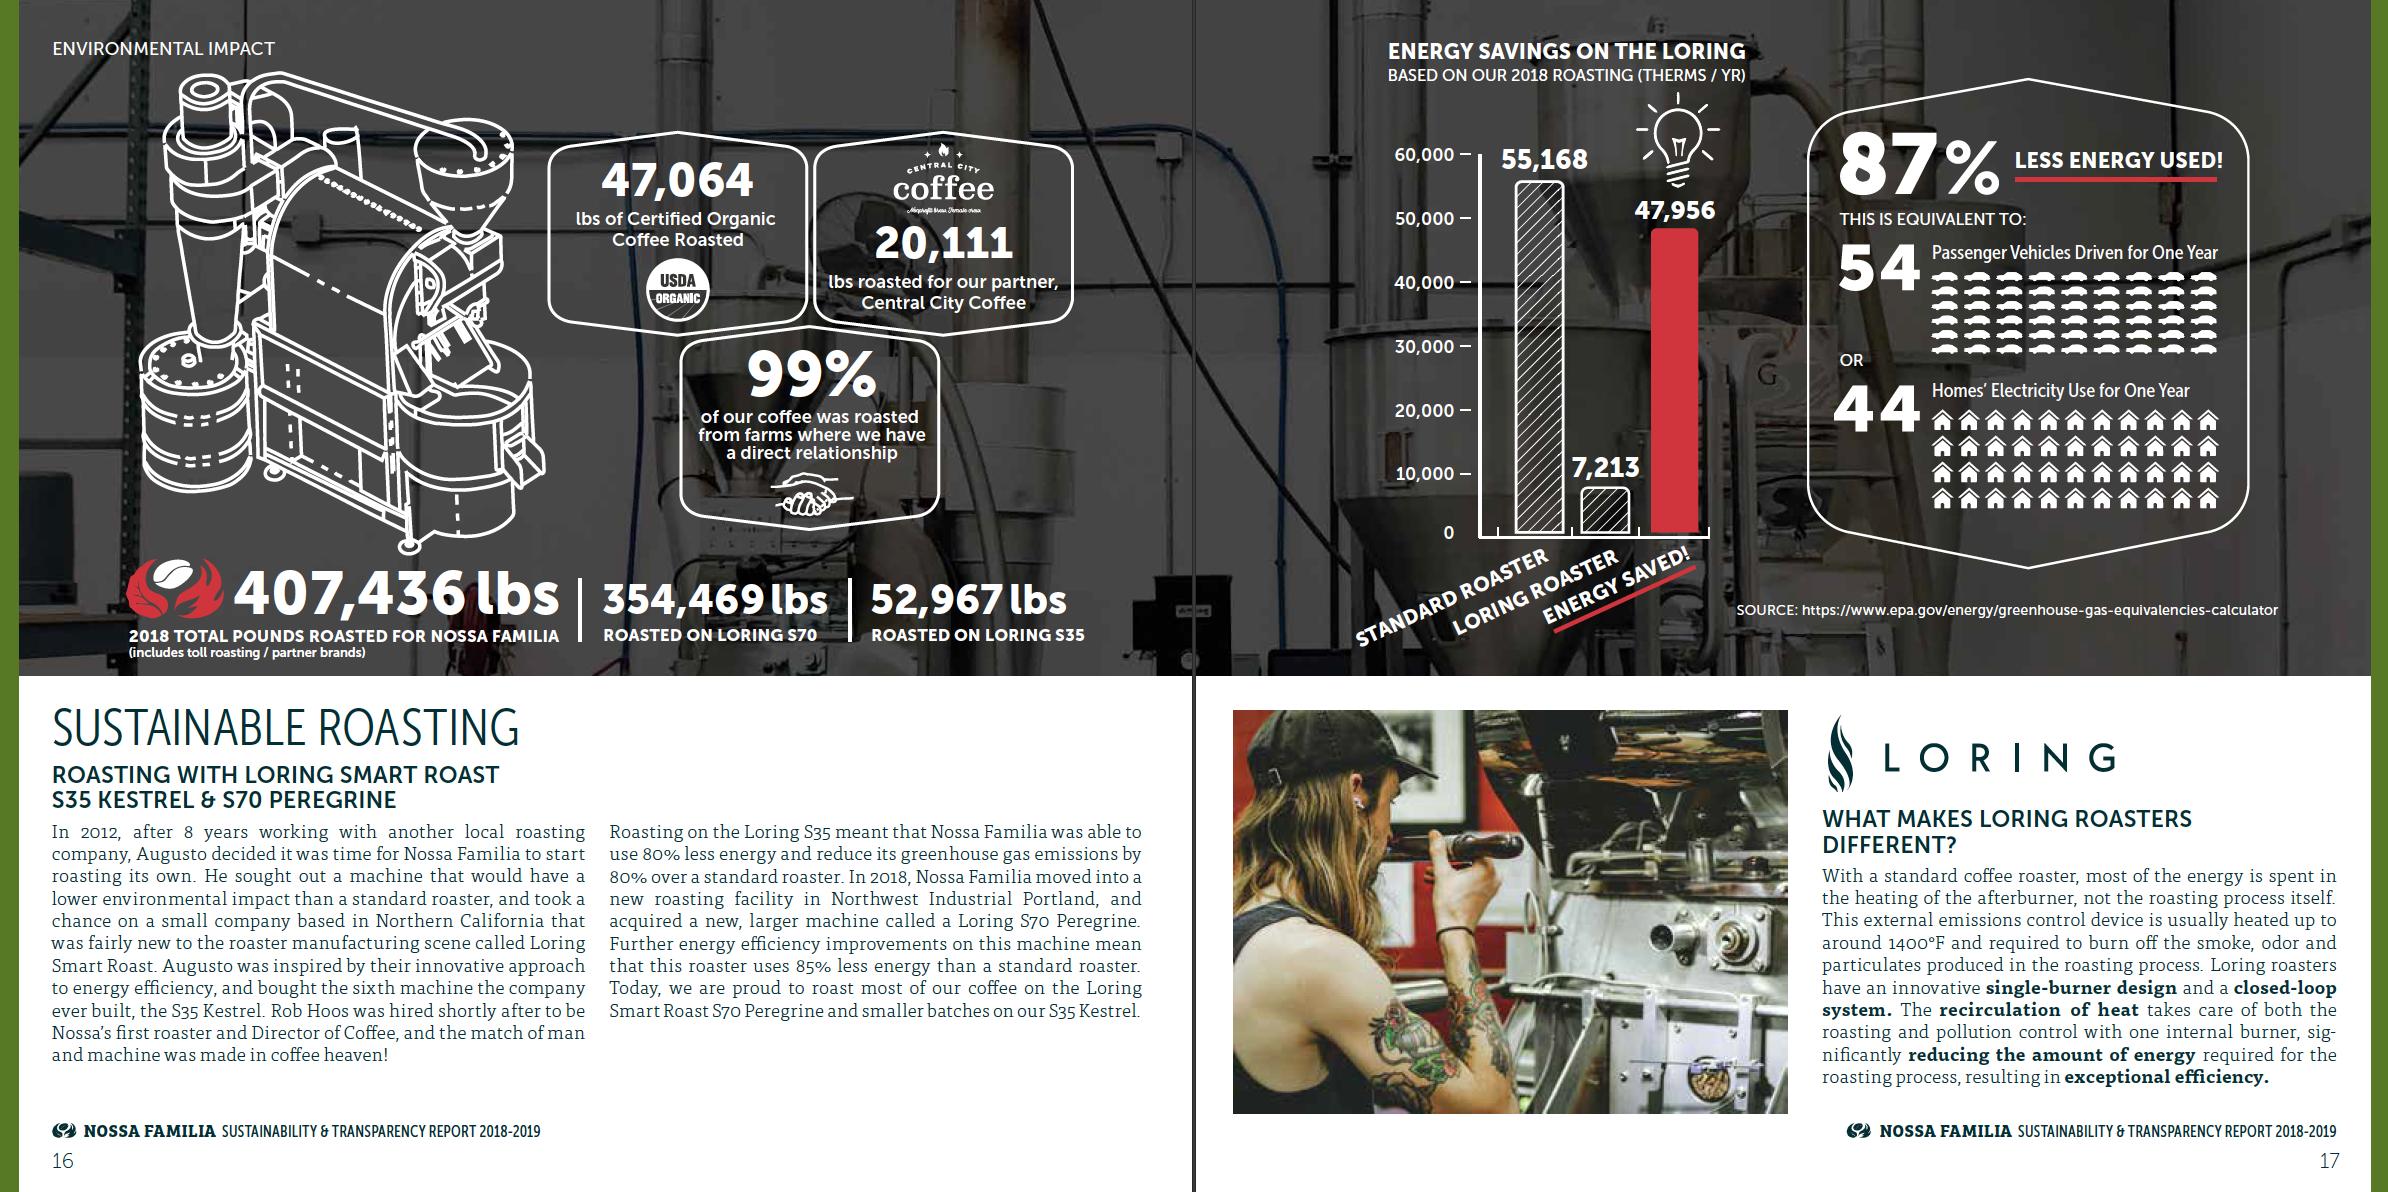 nossa-familia-sustainability-report-p9.png